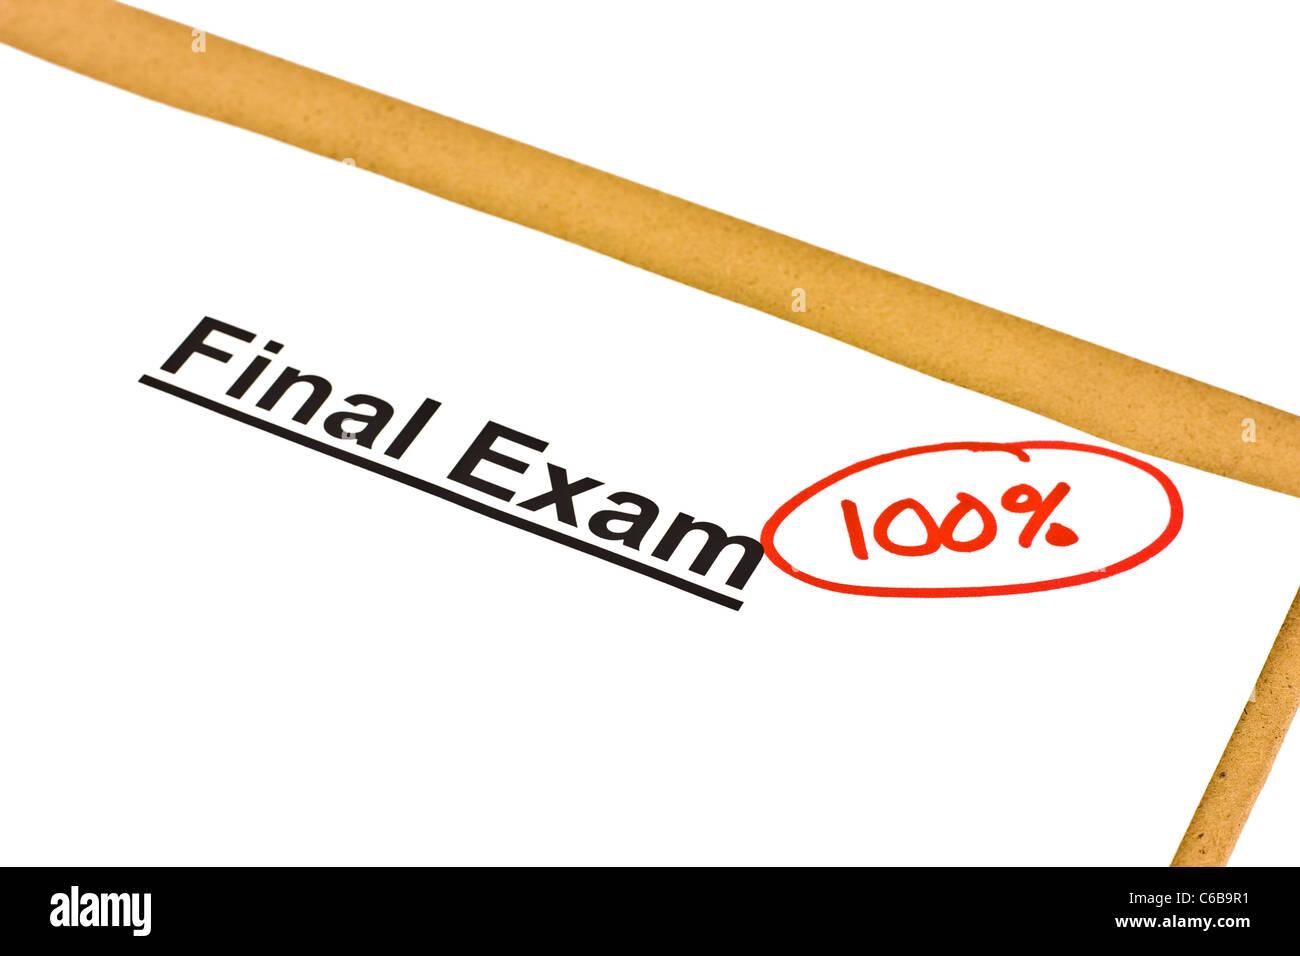 Examen final marcados con 100% aislado en blanco. Imagen De Stock